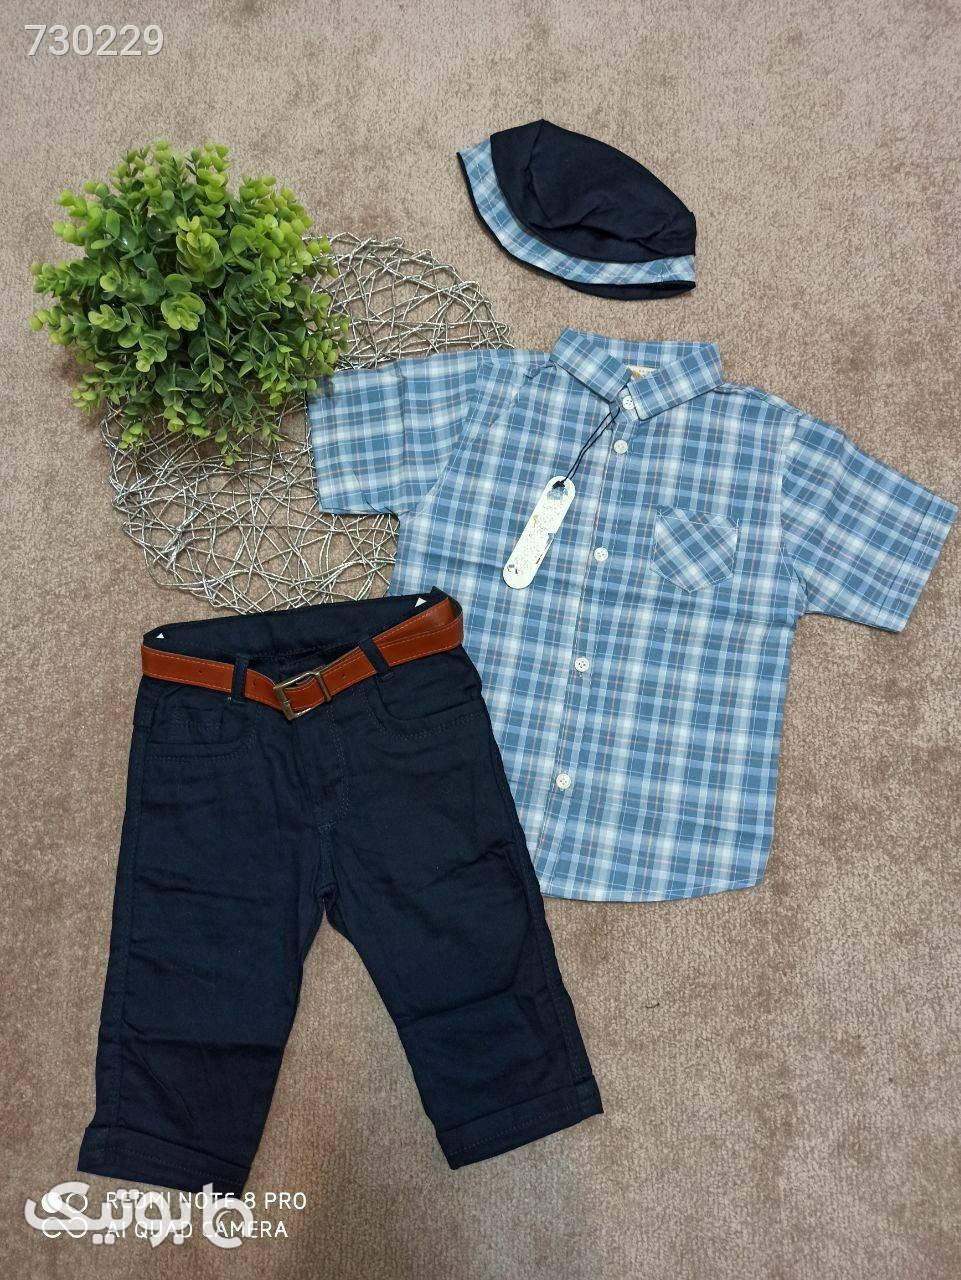 چهار تیکه پیراهن شلوارک کمربند و کلاه آبی لباس کودک پسرانه